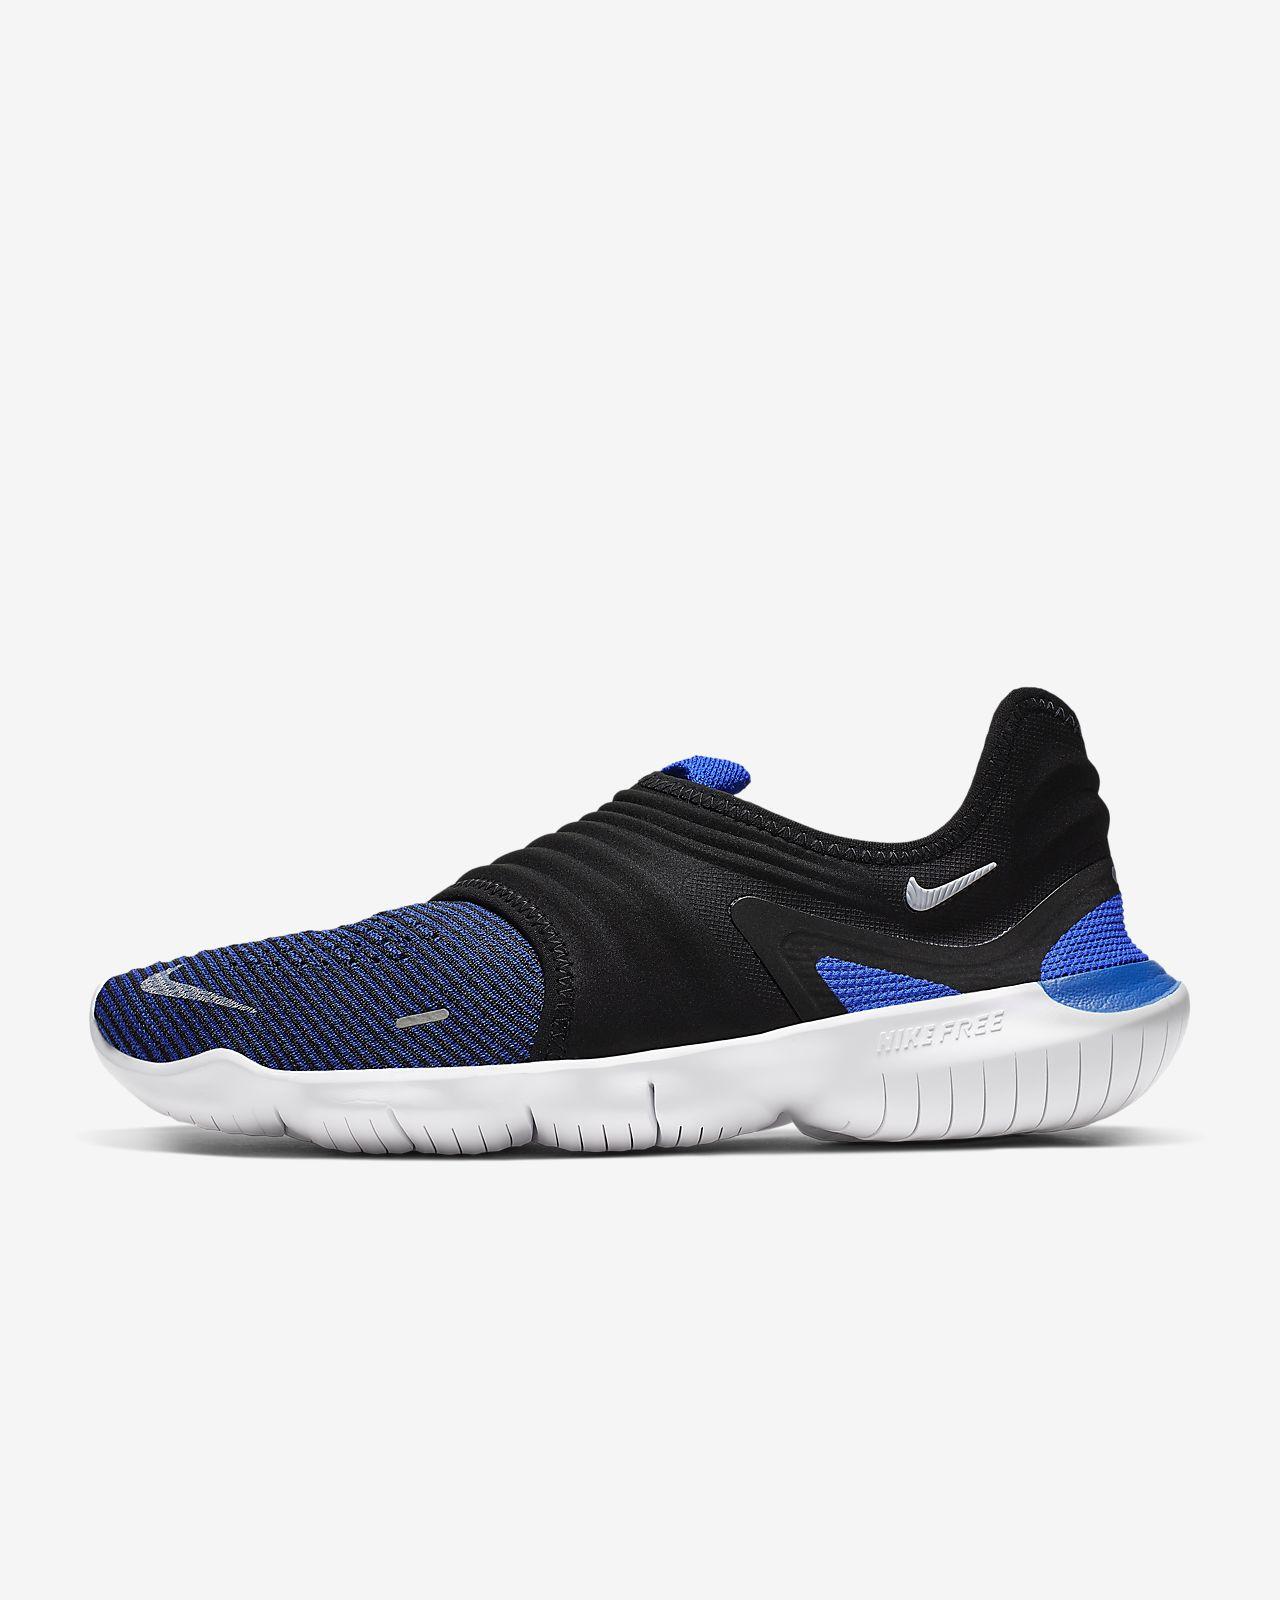 Nike Free RN Flyknit 3.0 Hardloopschoen voor heren